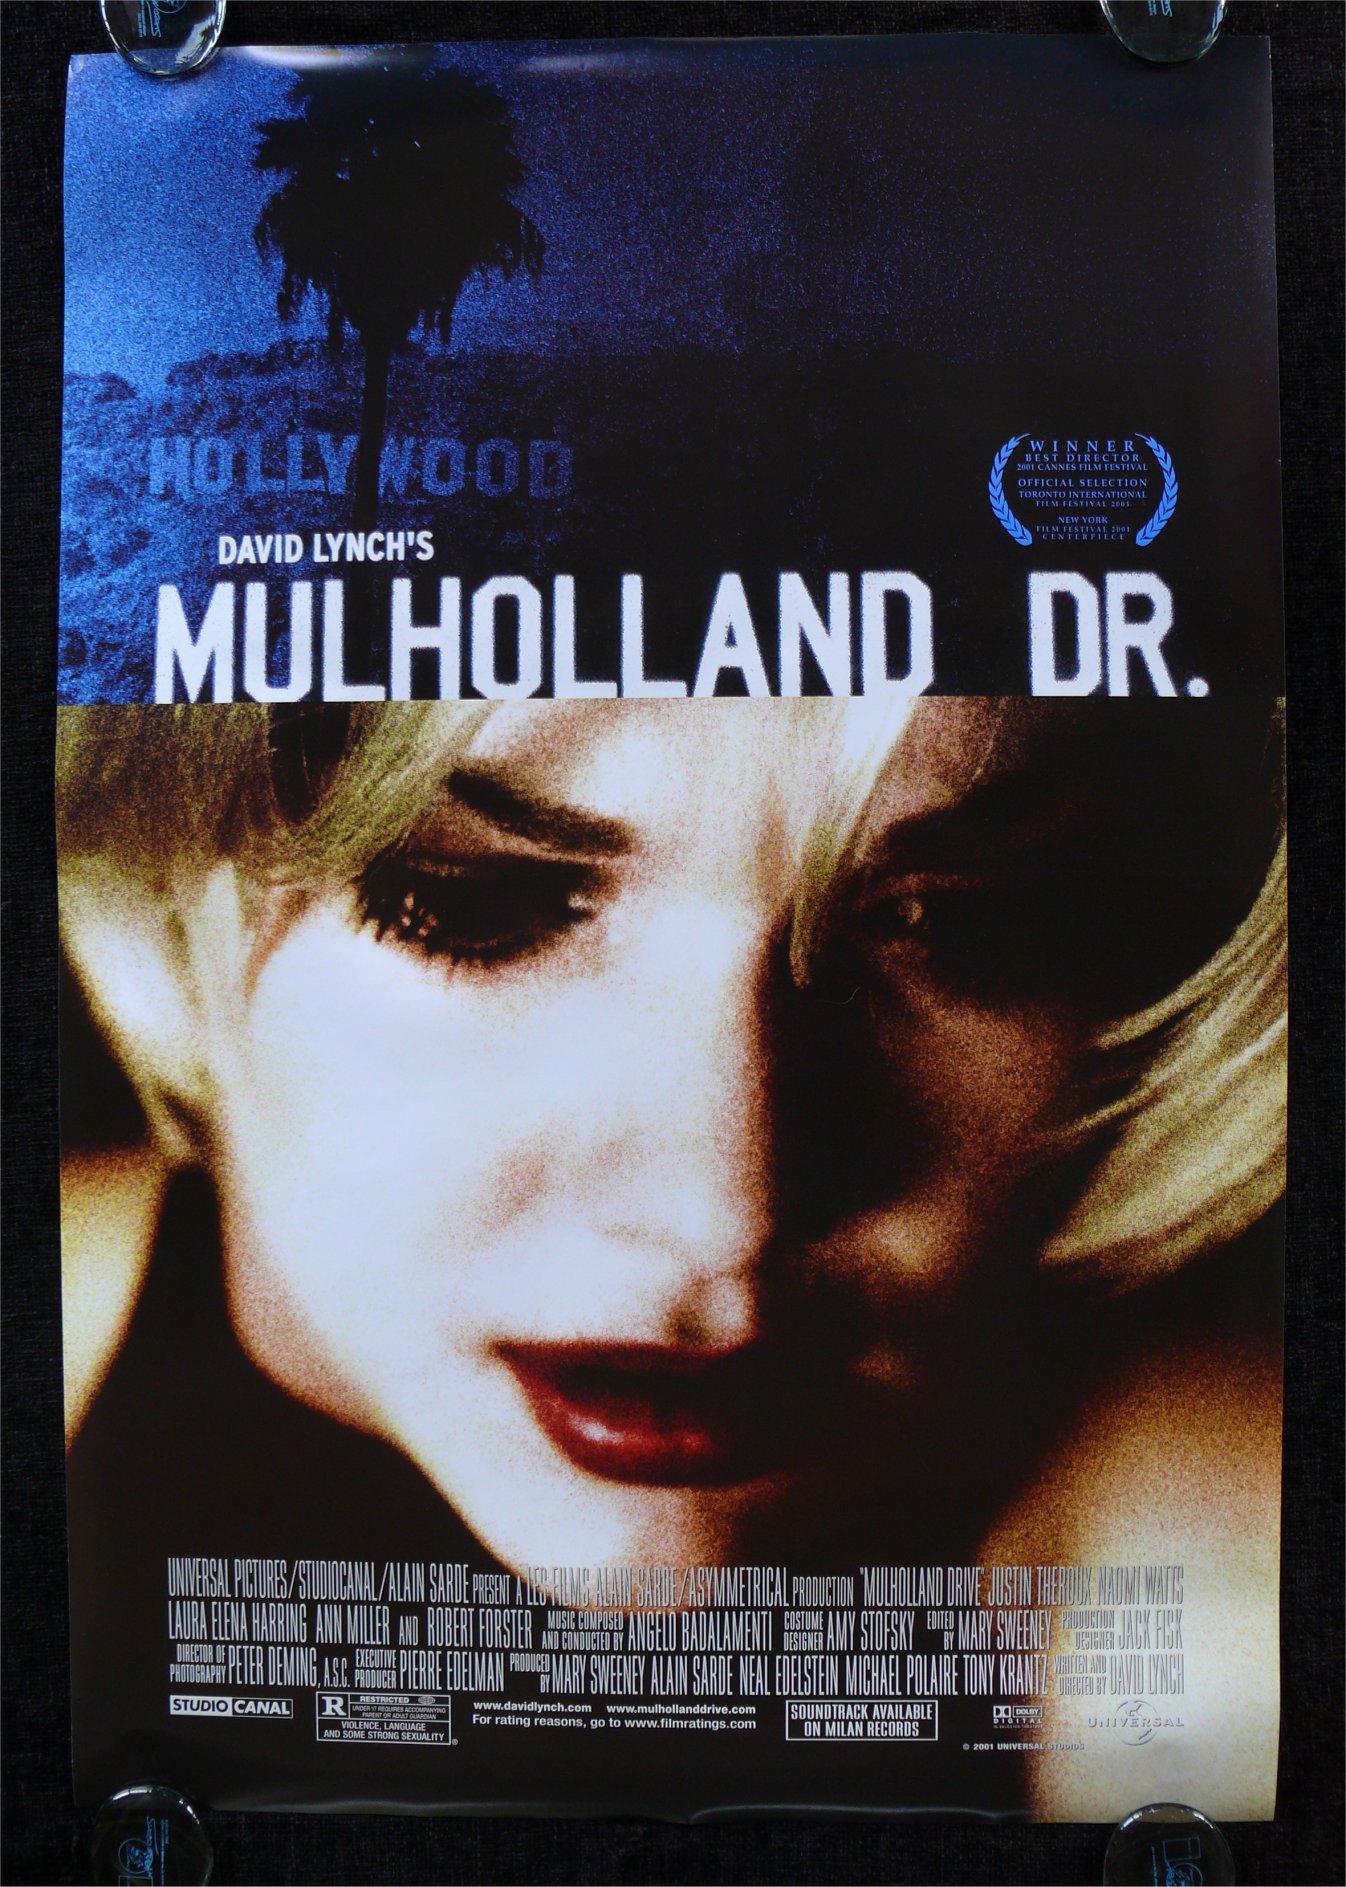 http://www.currentfilm.com/images5/mulhollanddrivedvdcover.jpg